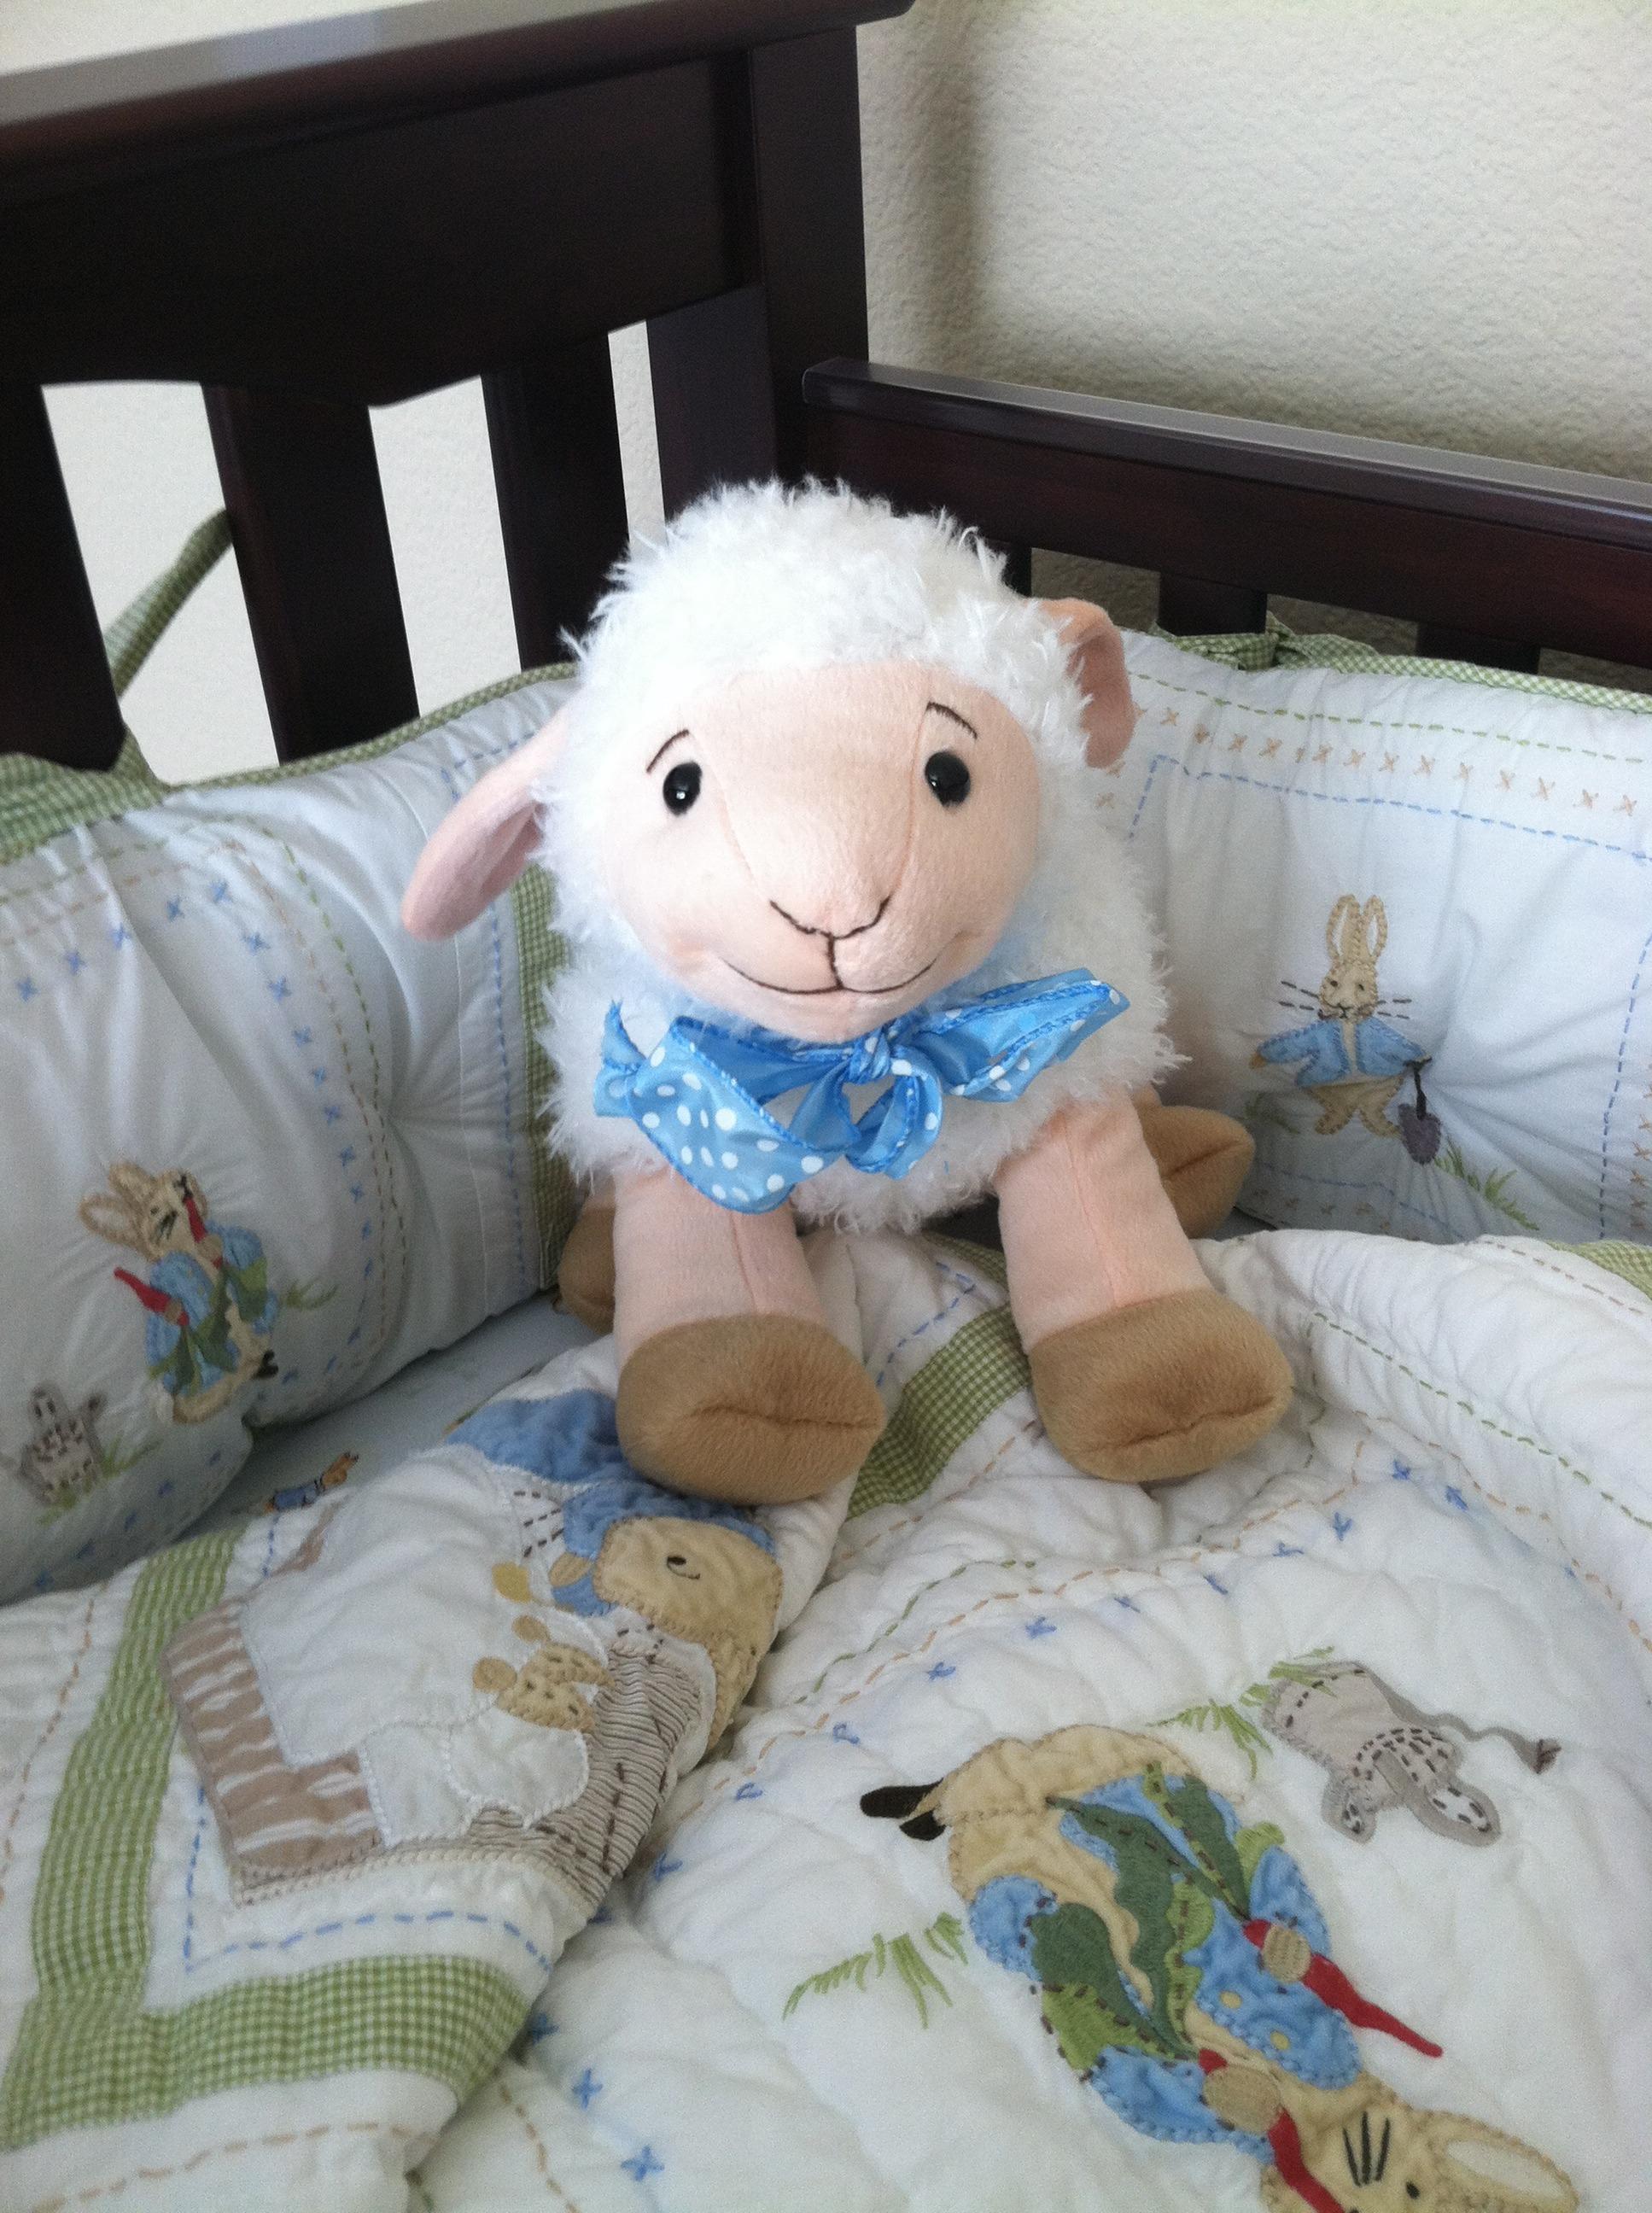 Fotos gratis : animal, oveja, mueble, juguete, bebé, material ...